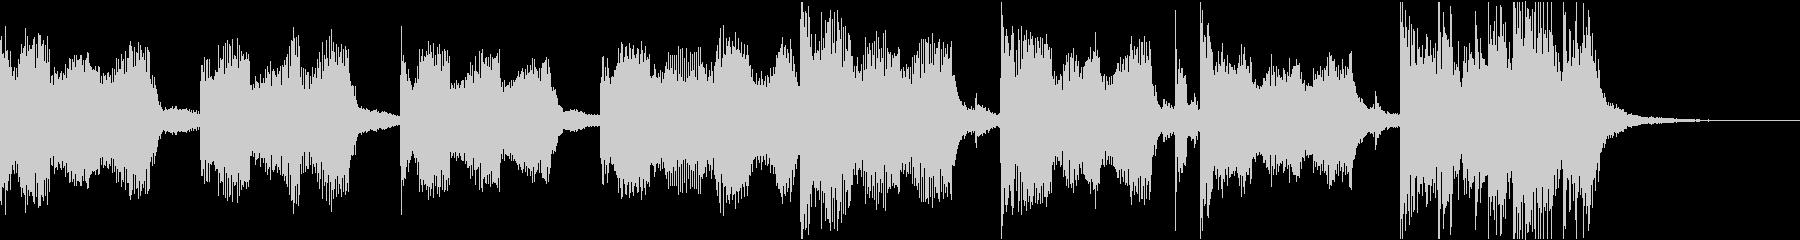 おしゃれクールセクシーR&Bエレクトロcの未再生の波形